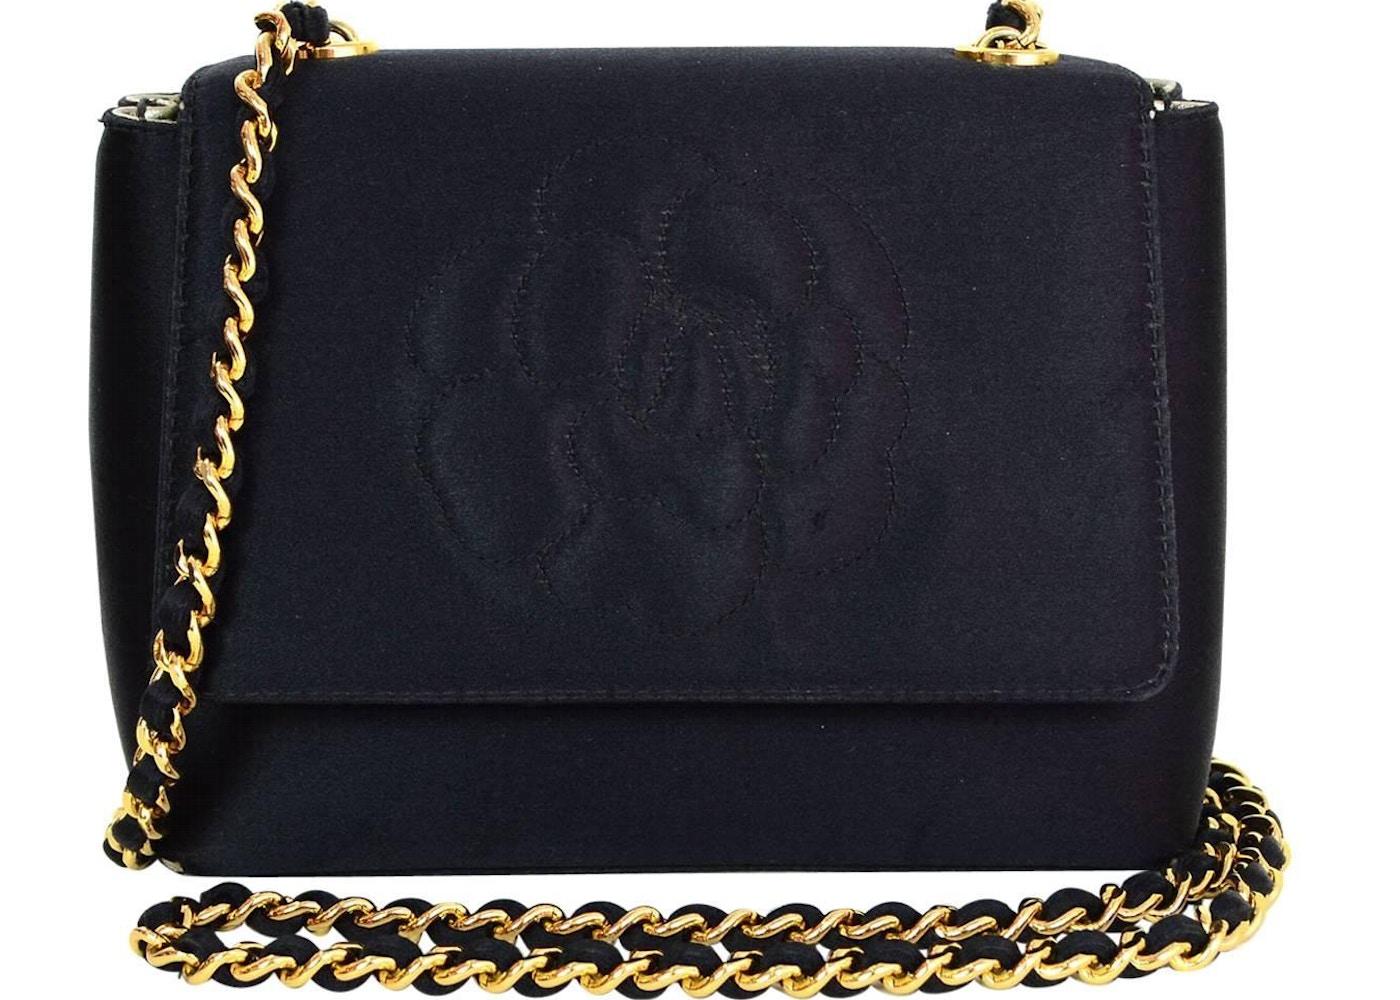 dc931484216b Chanel Vintage Camellia Flap Bag Satin Mini Black. Satin Mini Black